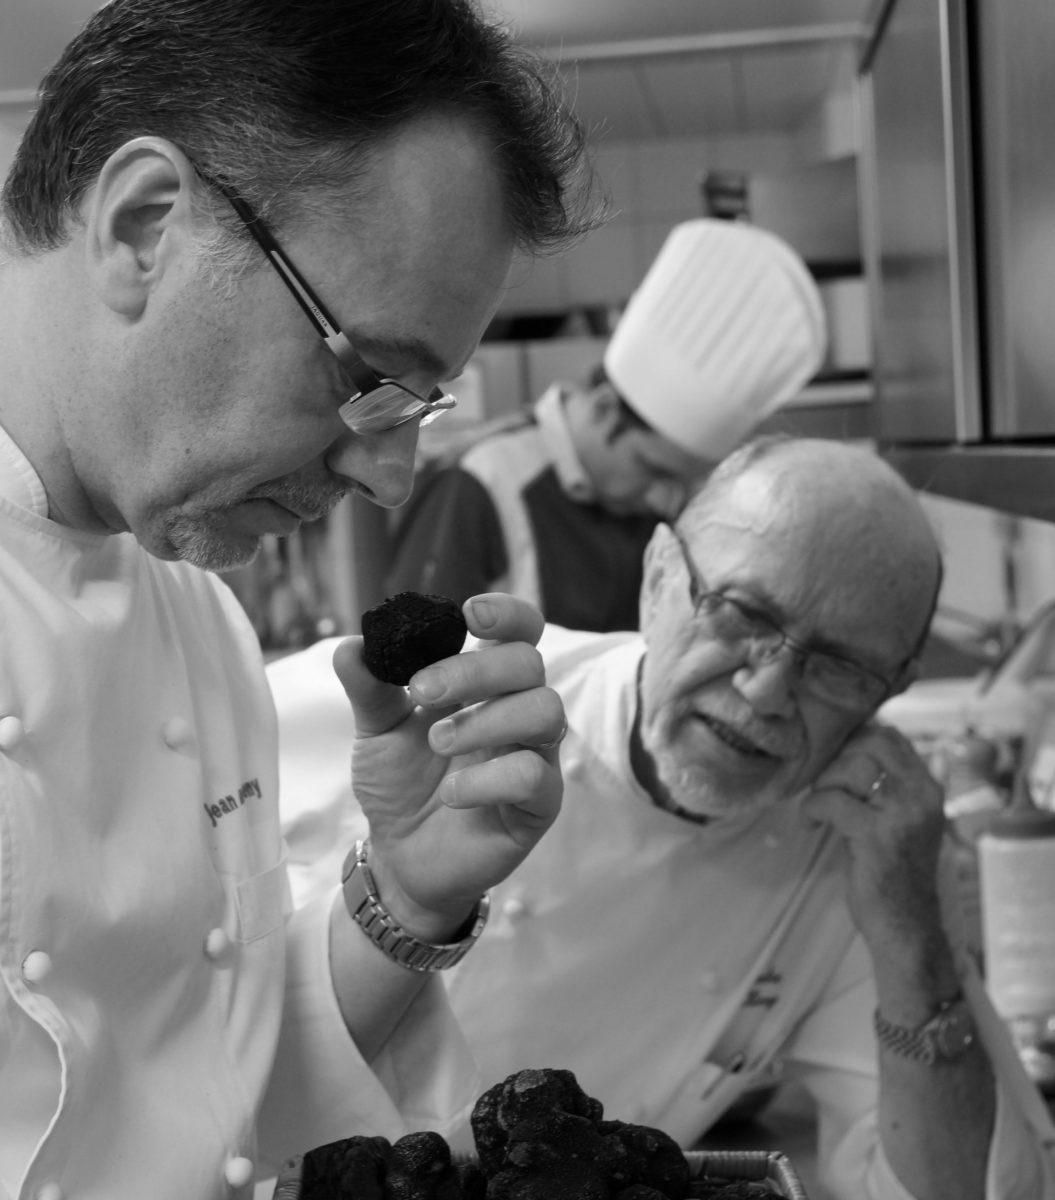 Une image avec nos 3 générations de cuisiniers : André KIENY - Jean-Marc KIENY - Guillaume BRETA le nouveau chef